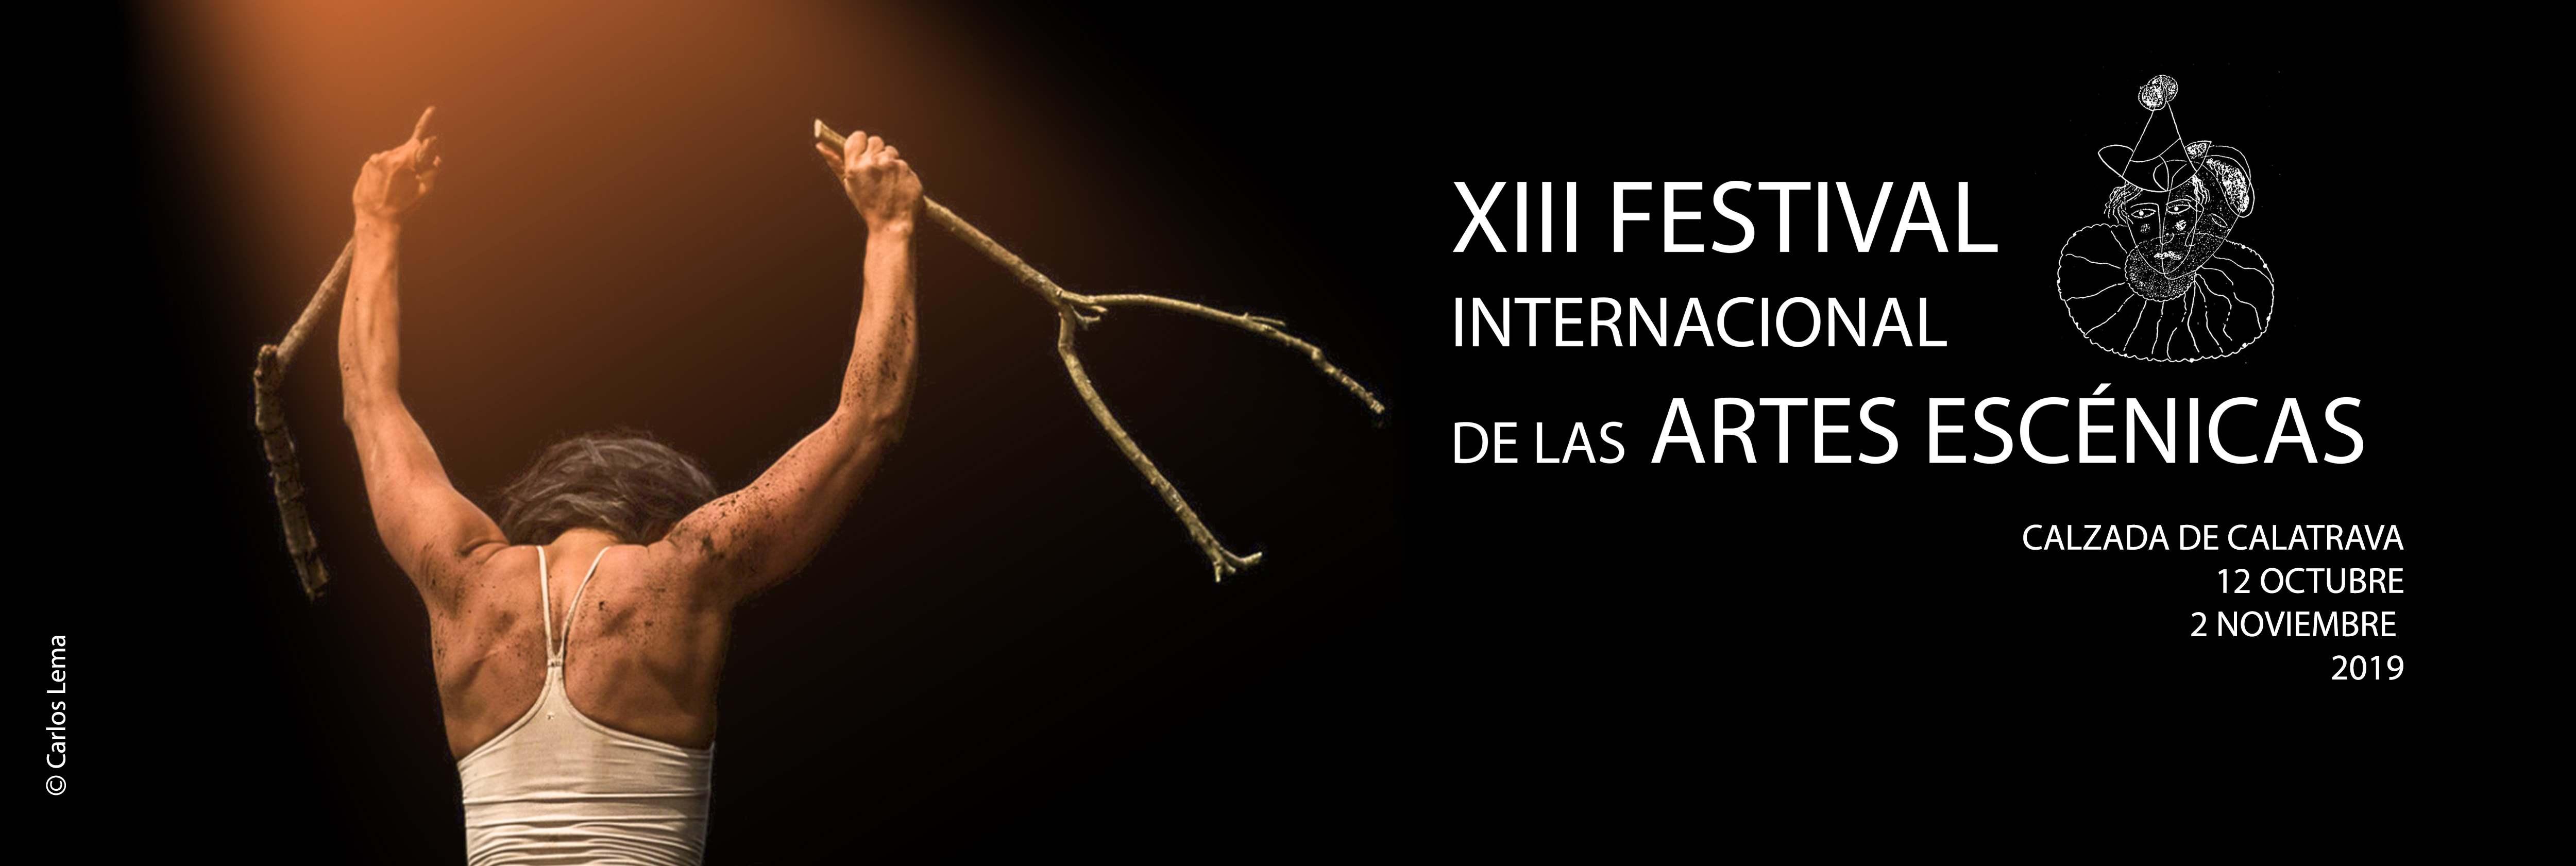 XIII Festival Internacional De Las Artes Escénicas